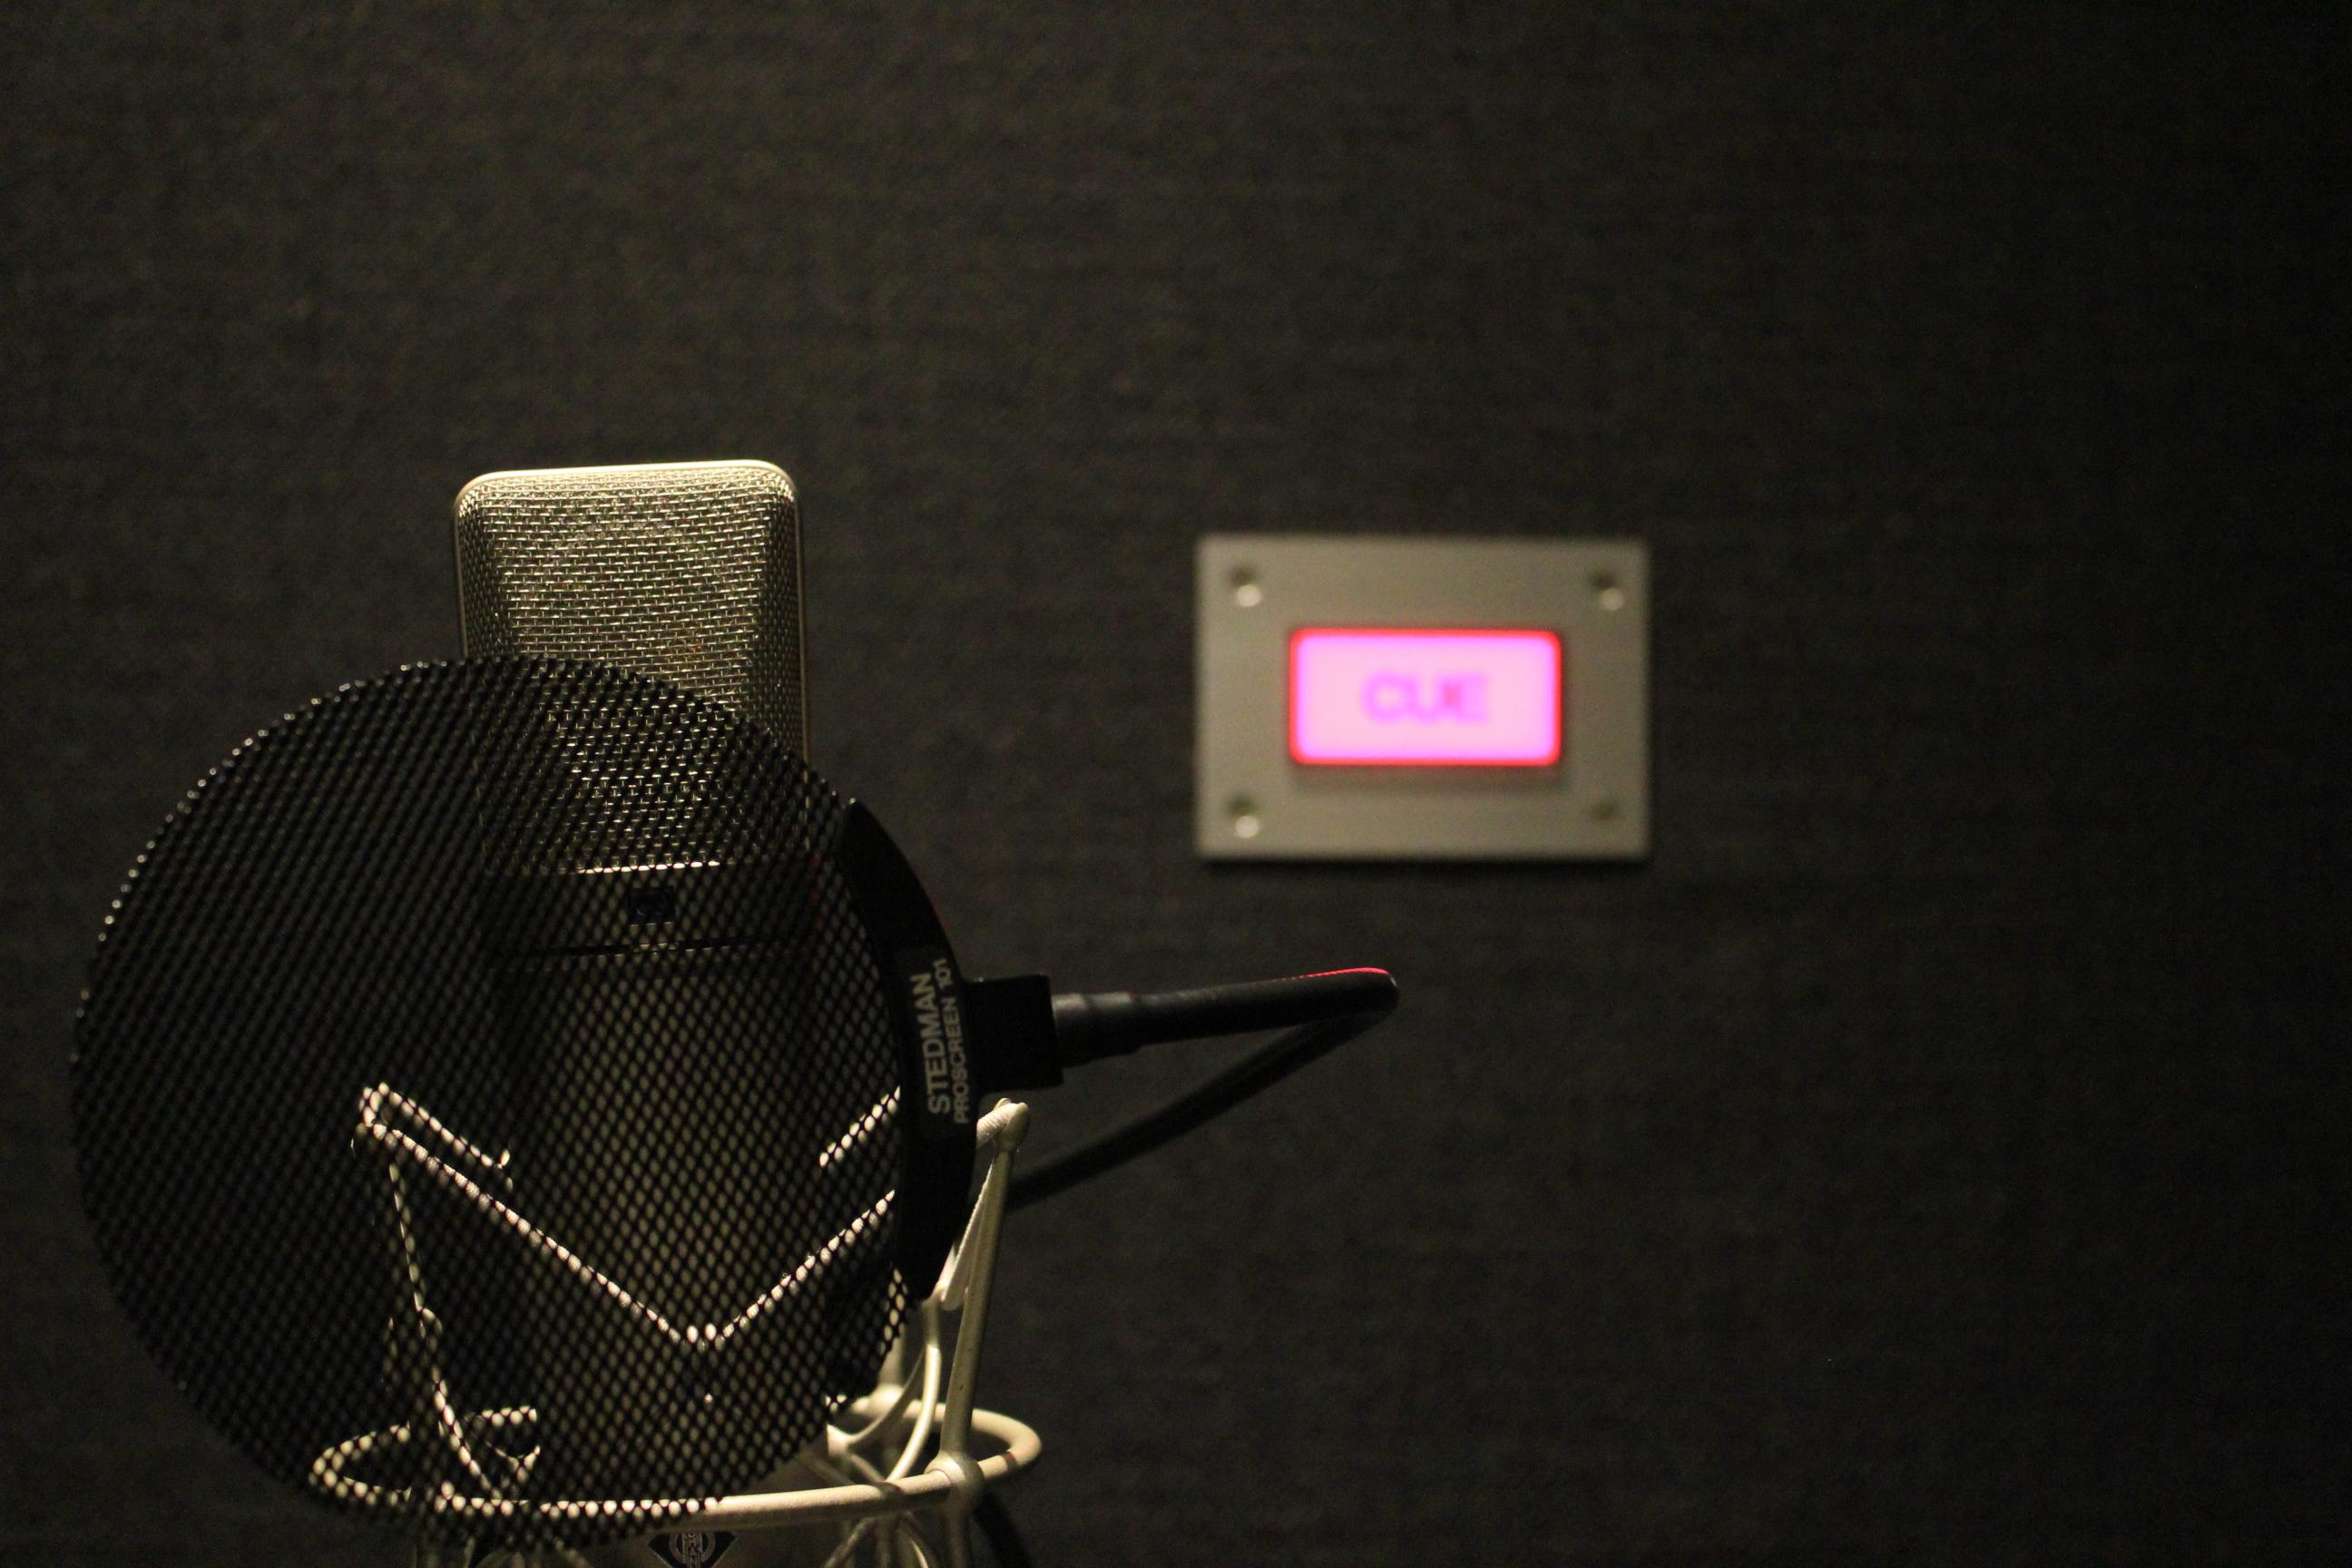 国立音楽院レコーディングスタジオ内のナレーション録音ブース。コンデンサマイクのNEUMANN U-87の奥にはCUEランプが光っています。